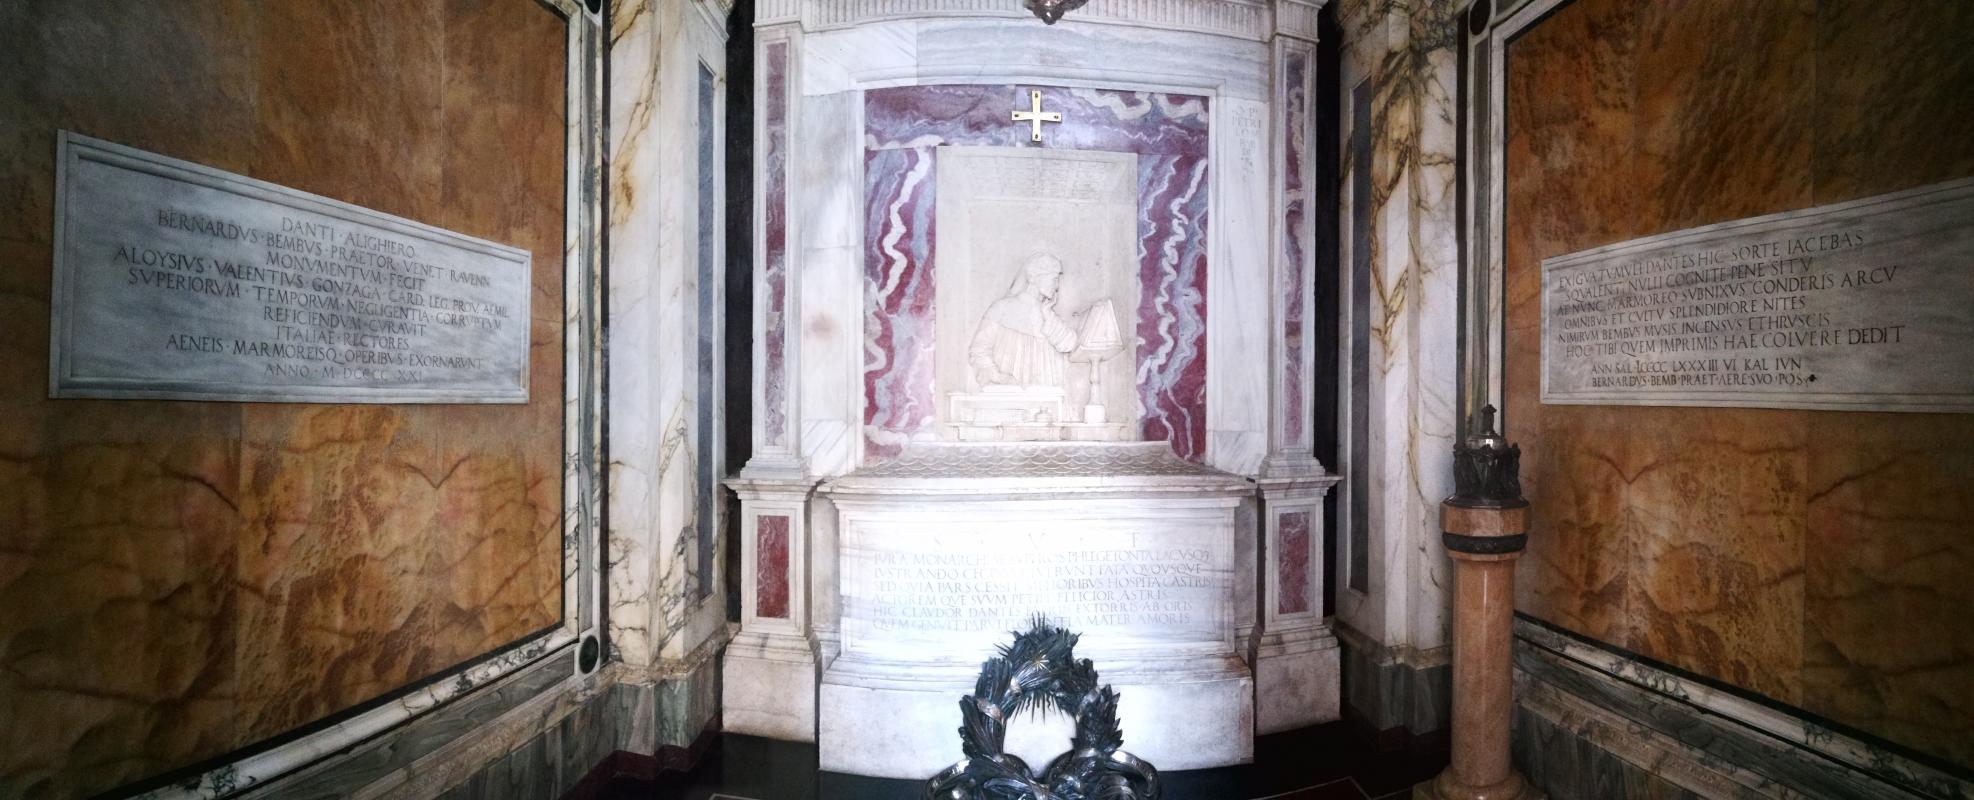 Tomba di Dante - panoramica interno - LadyBathory1974 - Ravenna (RA)